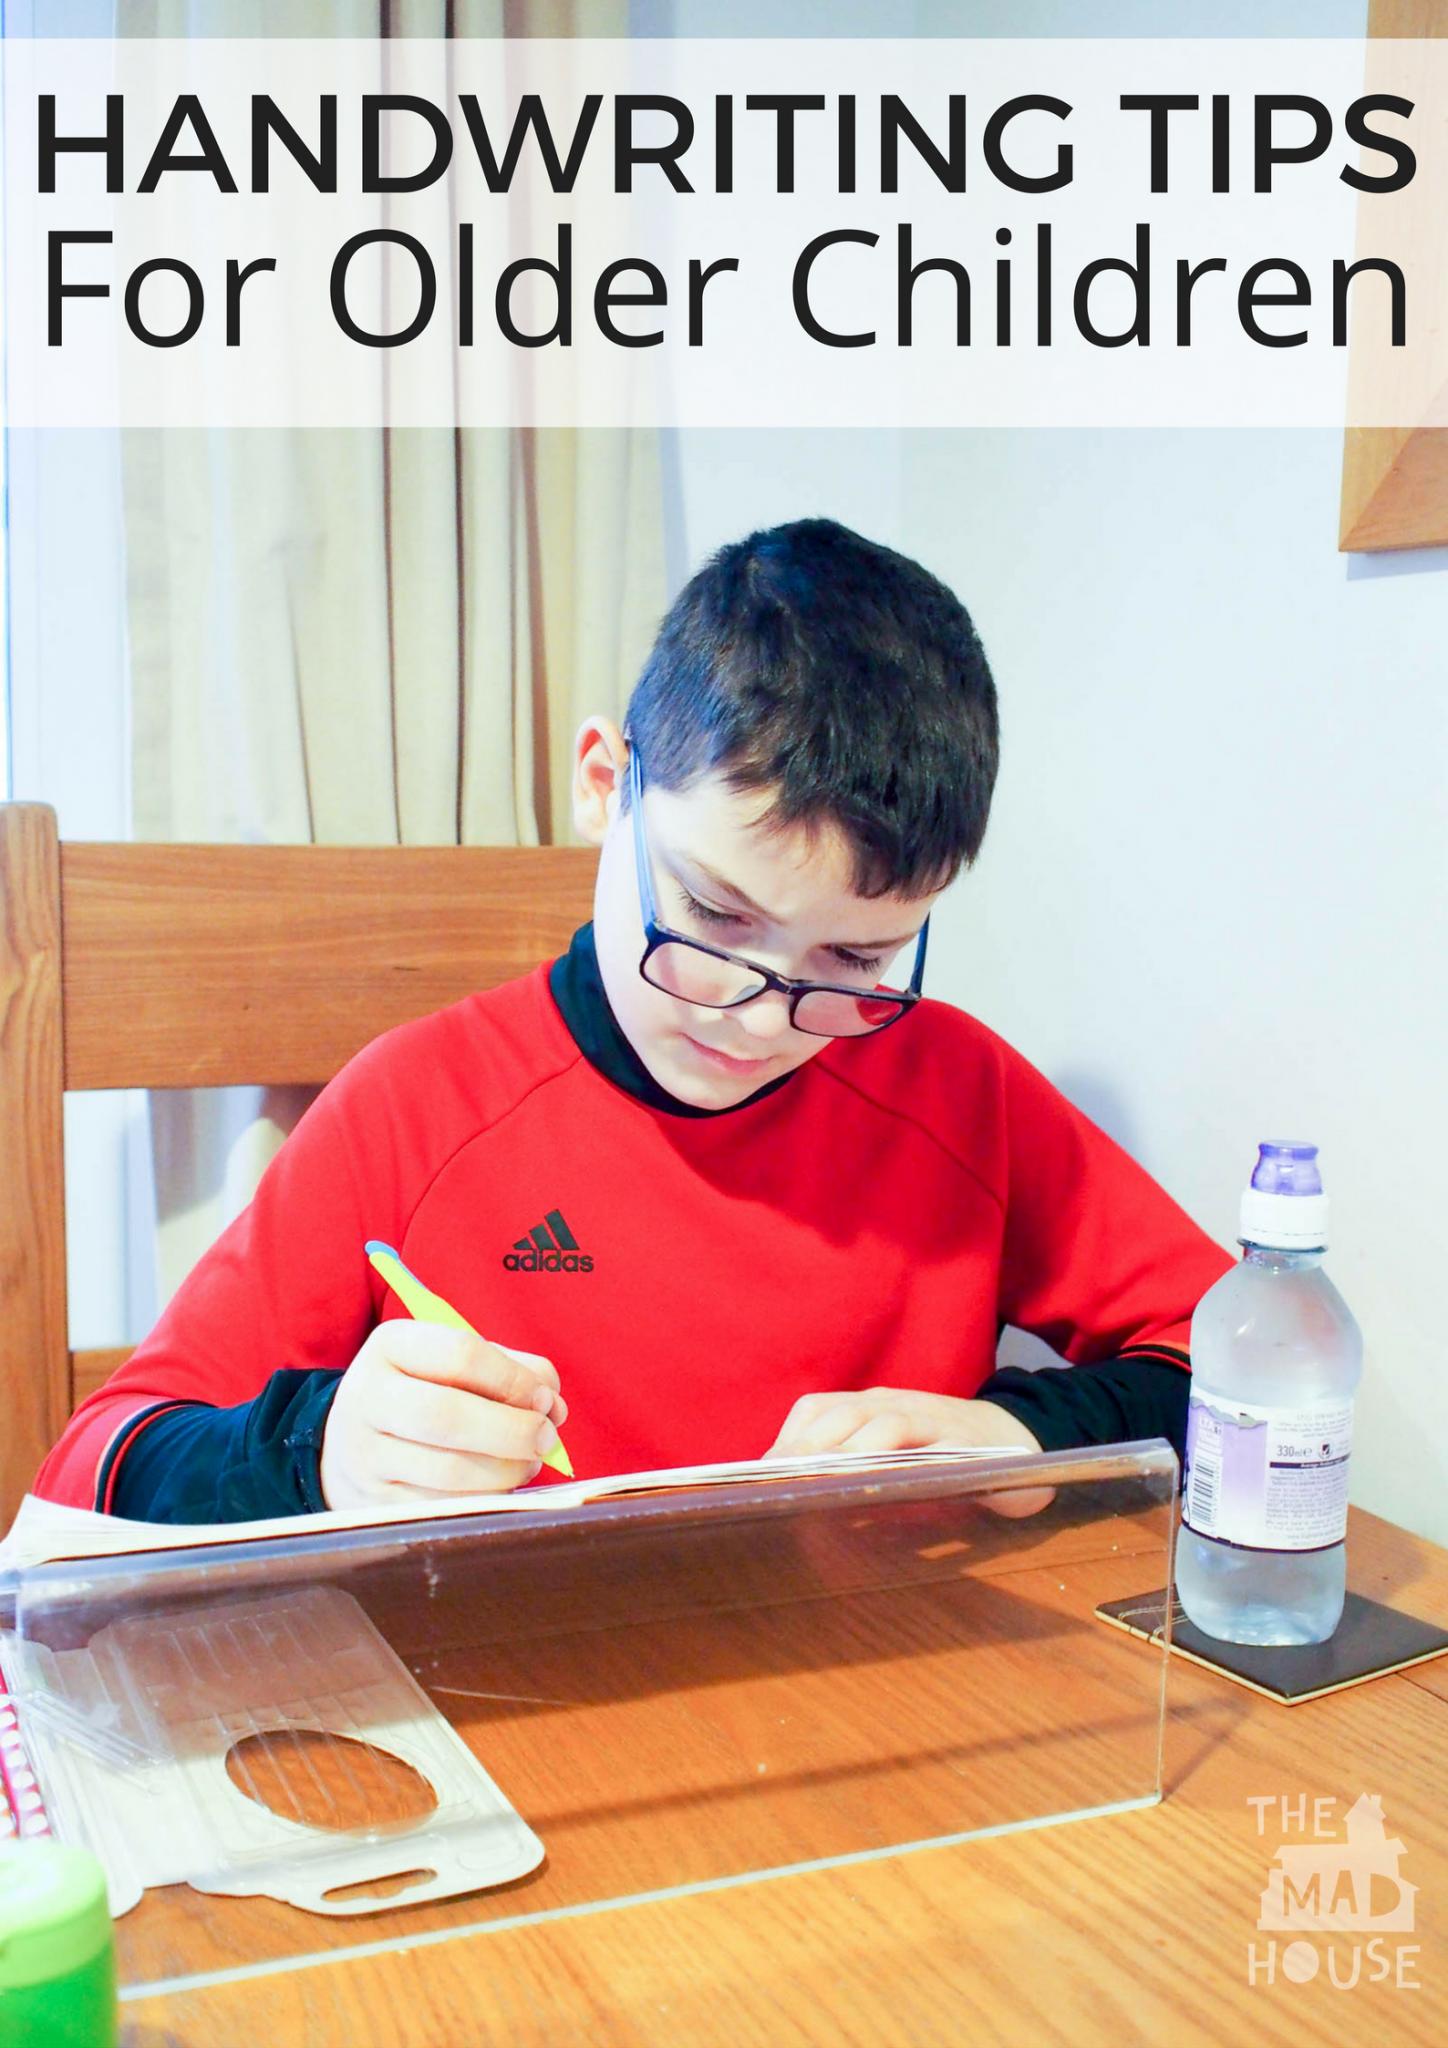 Handwriting Tips For Older Children